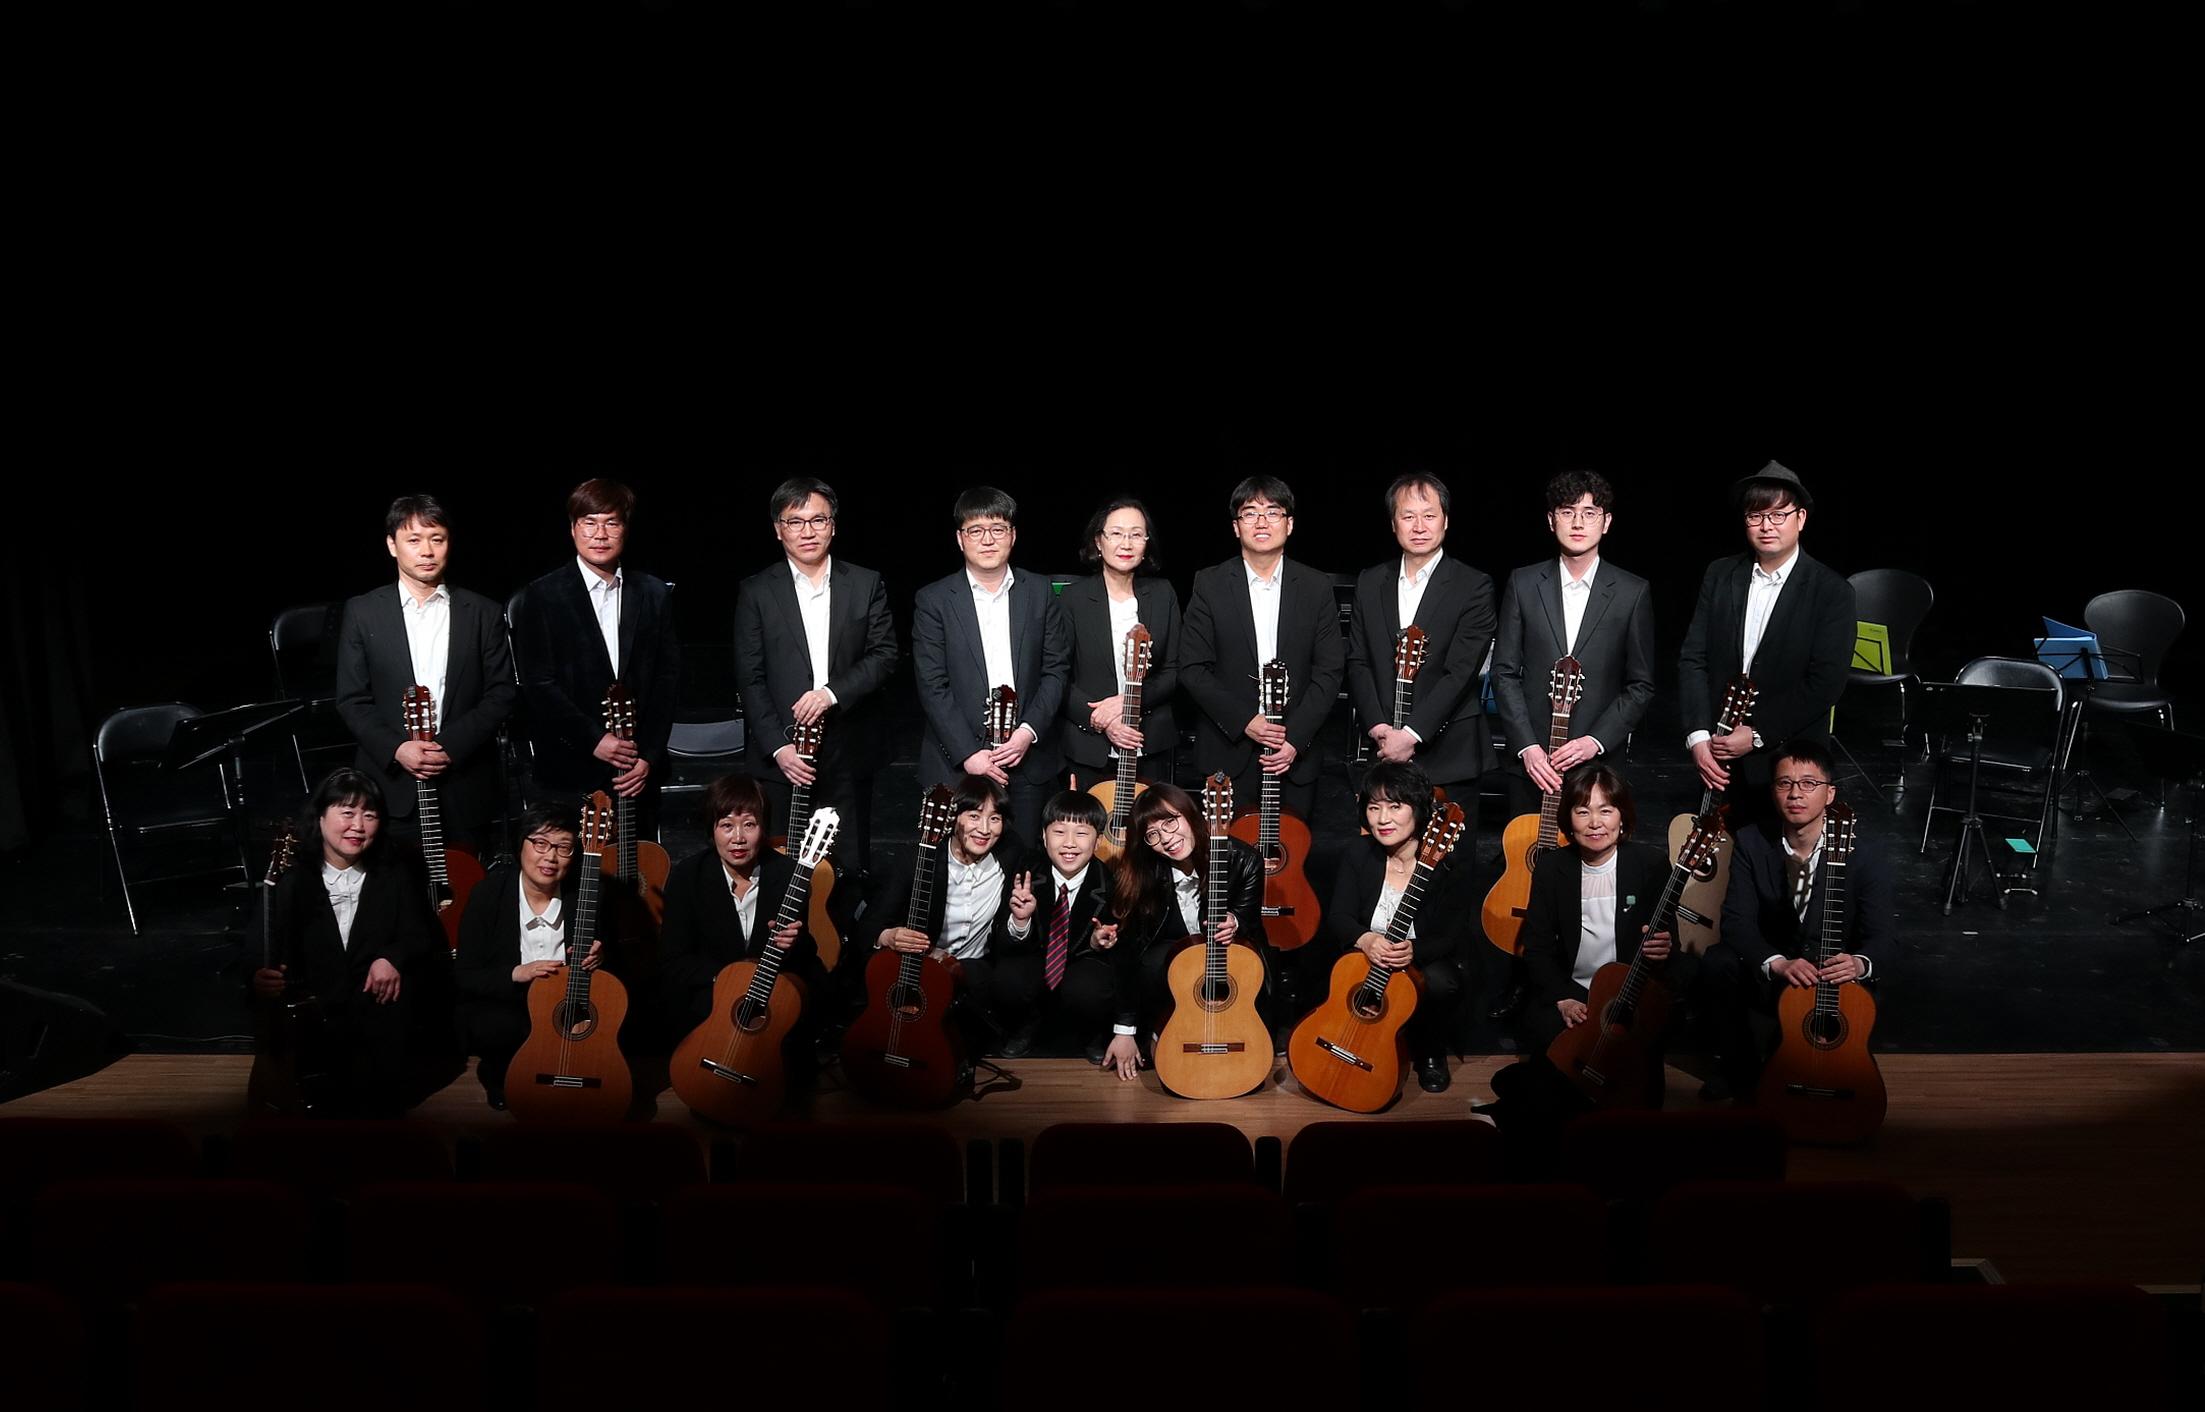 아만테스 2019년 4월 정기연주회 단체사진.jpg